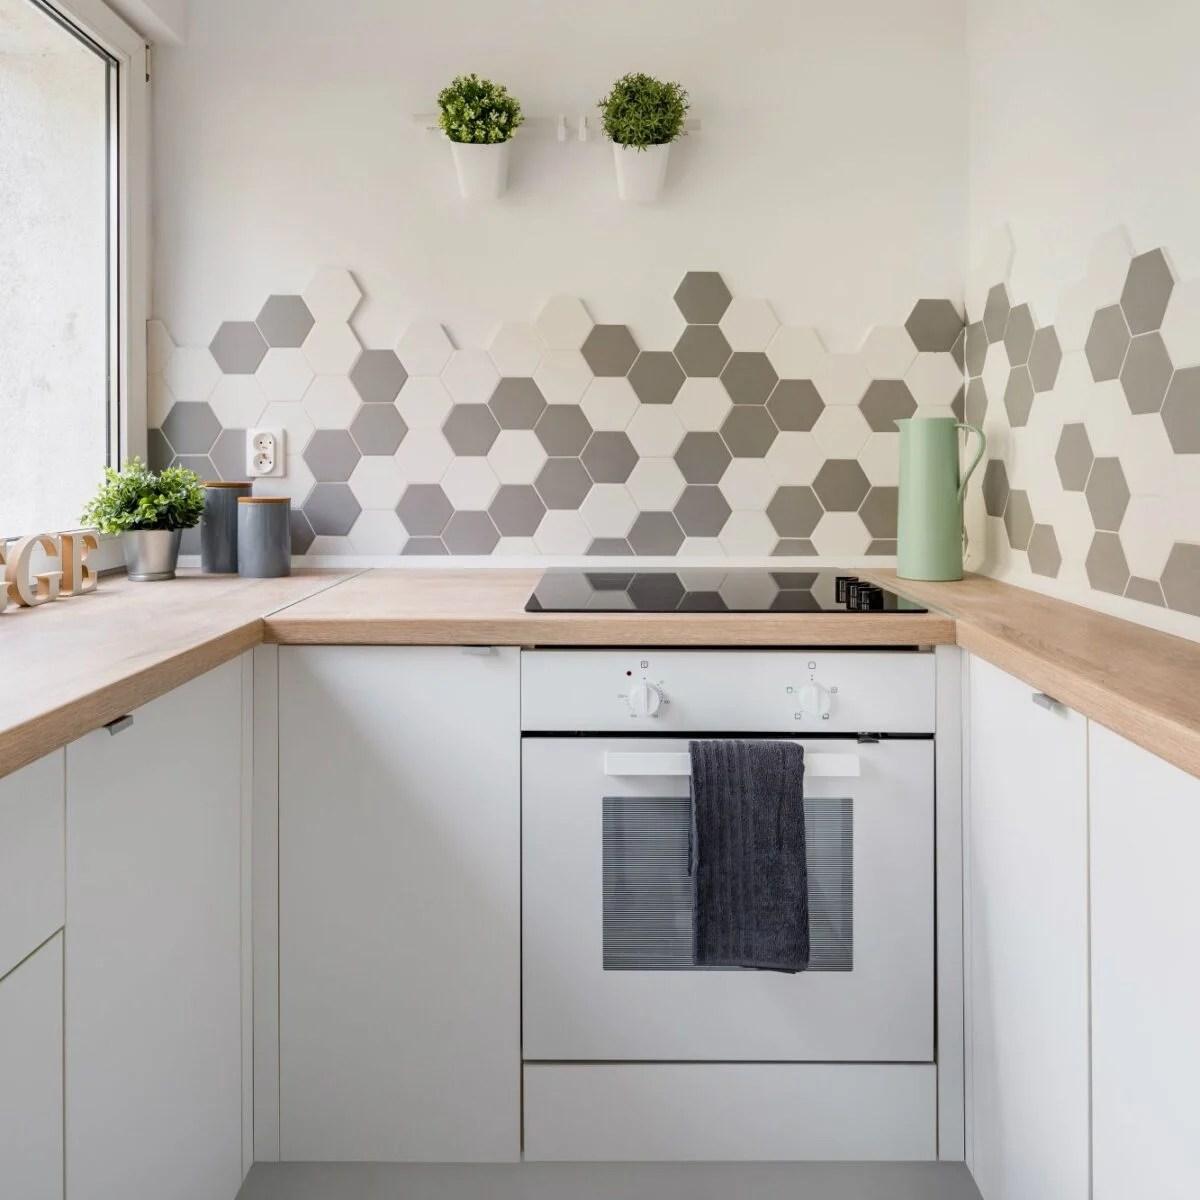 per voi, più di 30 collezioni per il tuo rivestimento cucina e per venire incontro a qualsiasi tipo di esigenza stilistica. Idee E Consigli Per Scegliere Le Piastrelle In Cucina A Seconda Dello Stile